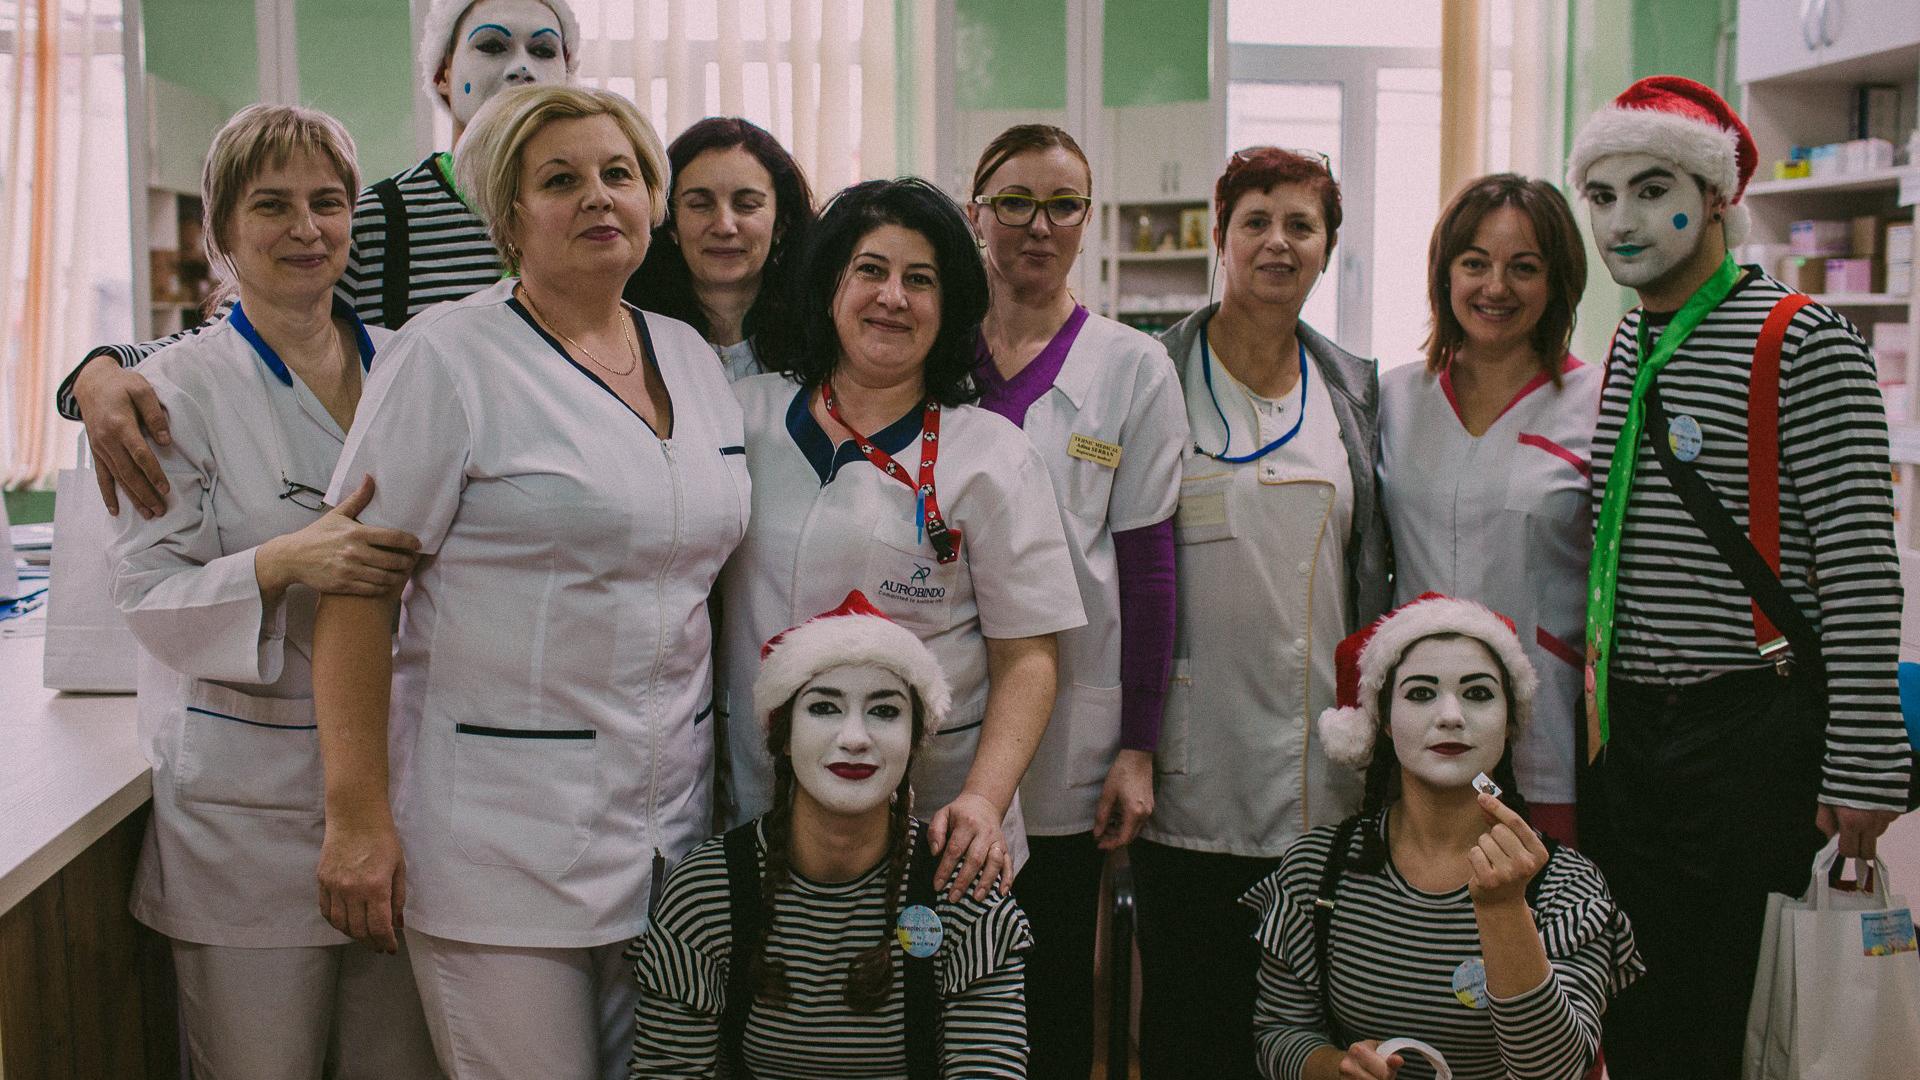 Clovni din echipa proiectului, la Spitalul Militar din Cluj Napoca